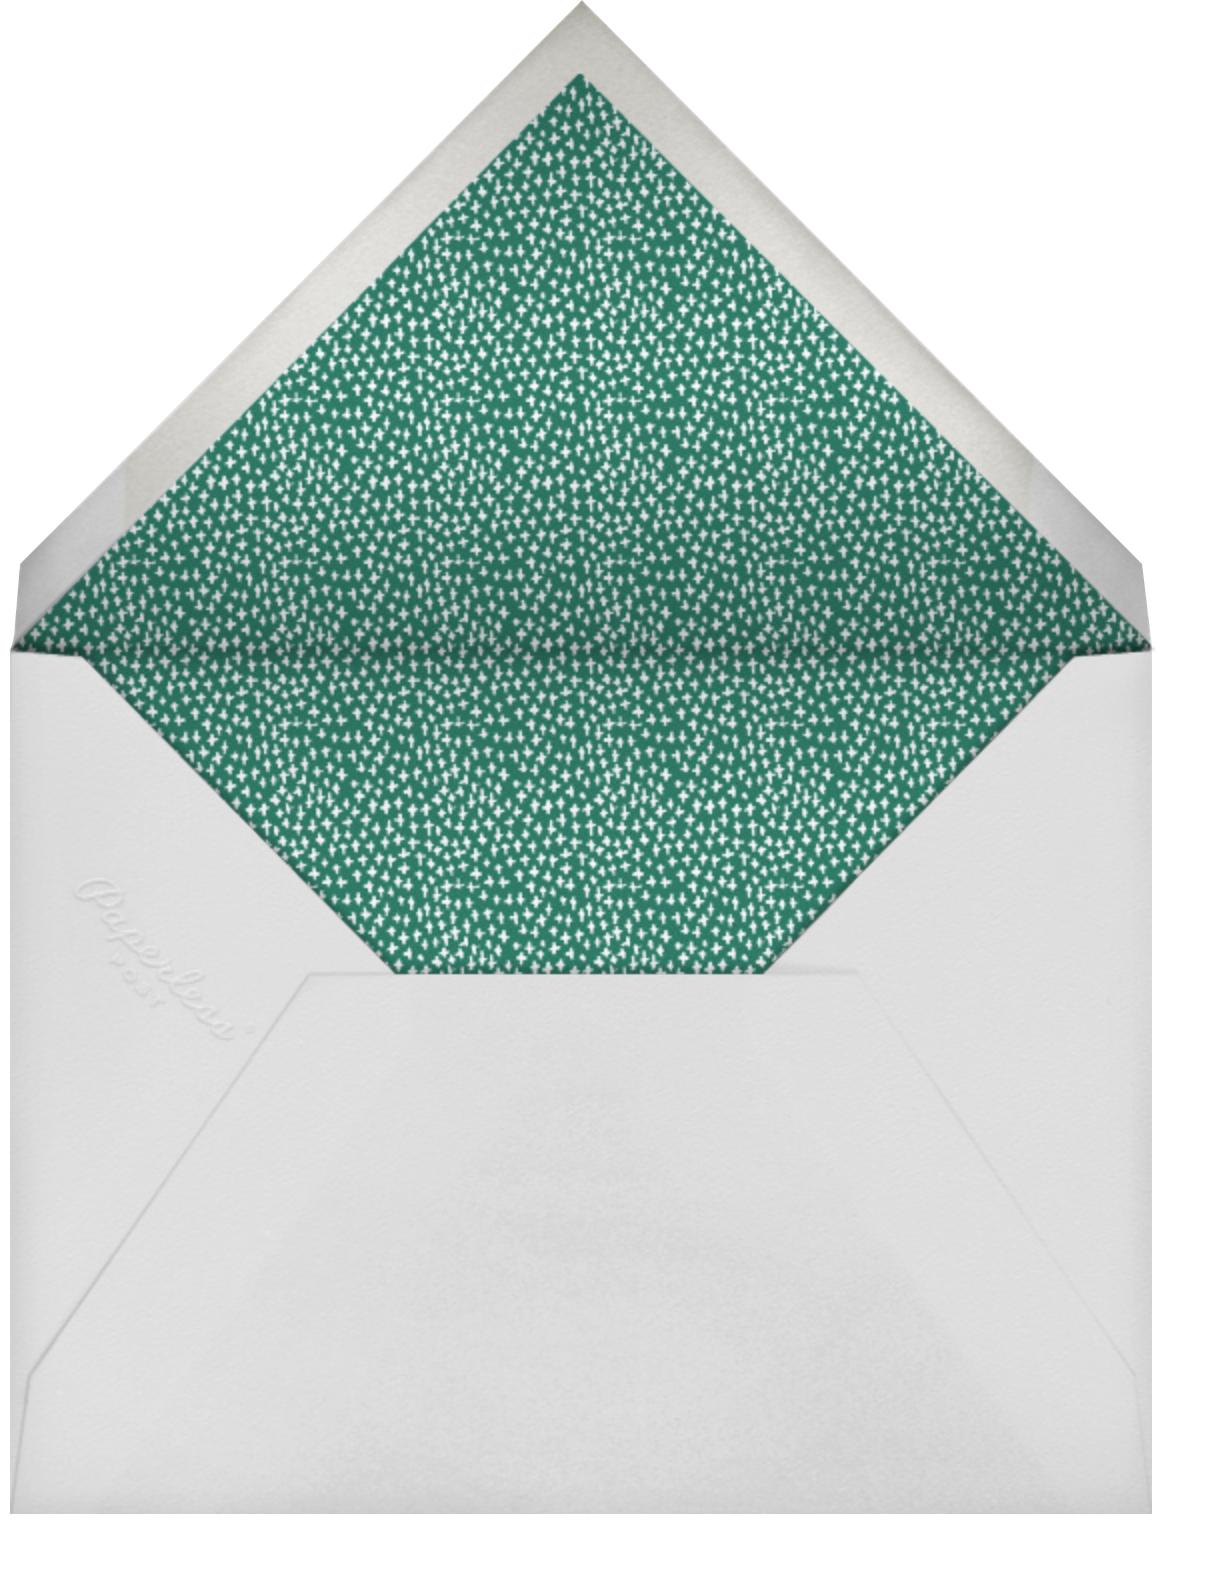 Mistletoe Bundles Photo - Mr. Boddington's Studio - Envelope